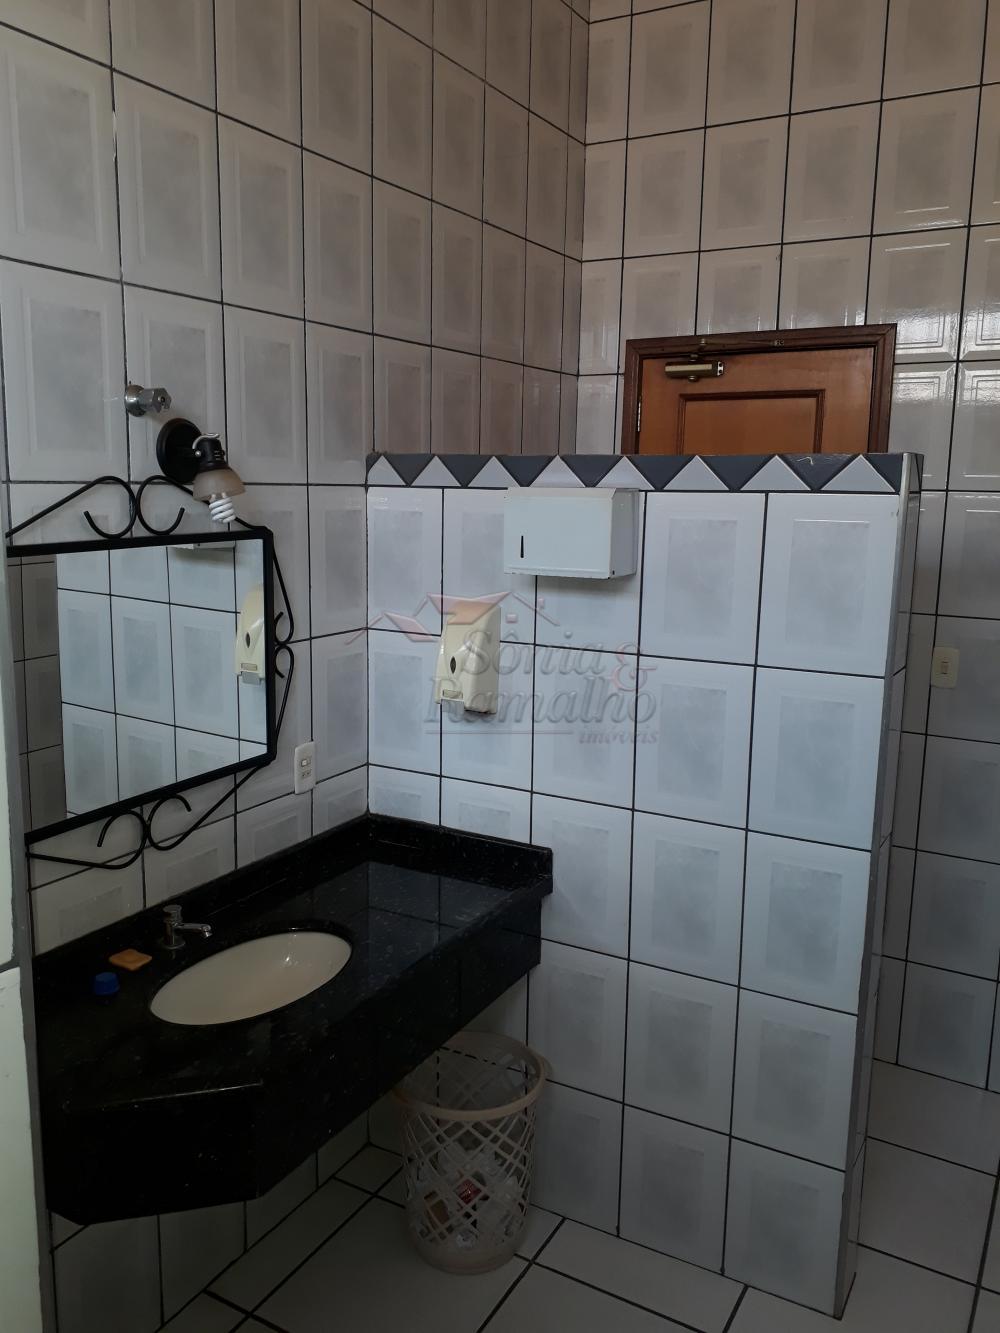 Alugar Casas / Comercial em Ribeirão Preto apenas R$ 2.800,00 - Foto 15